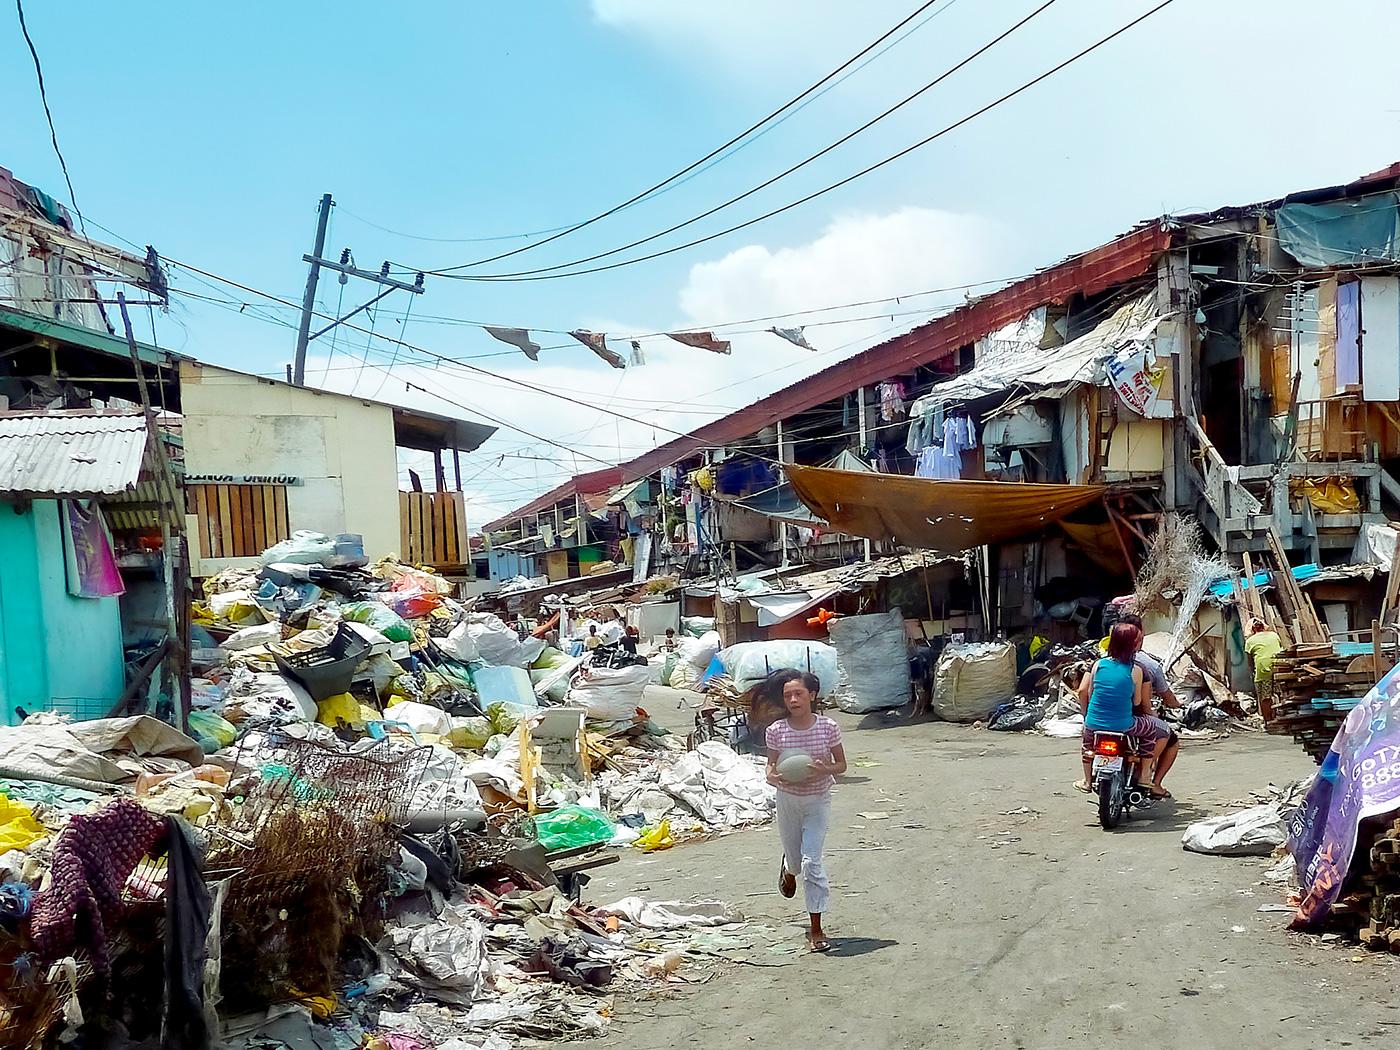 Le Filippine: crisi dimenticata (di L. Scarponi, A.S. Cajozzo, M. Papa, E. Salvo, R. Zaccagnini)